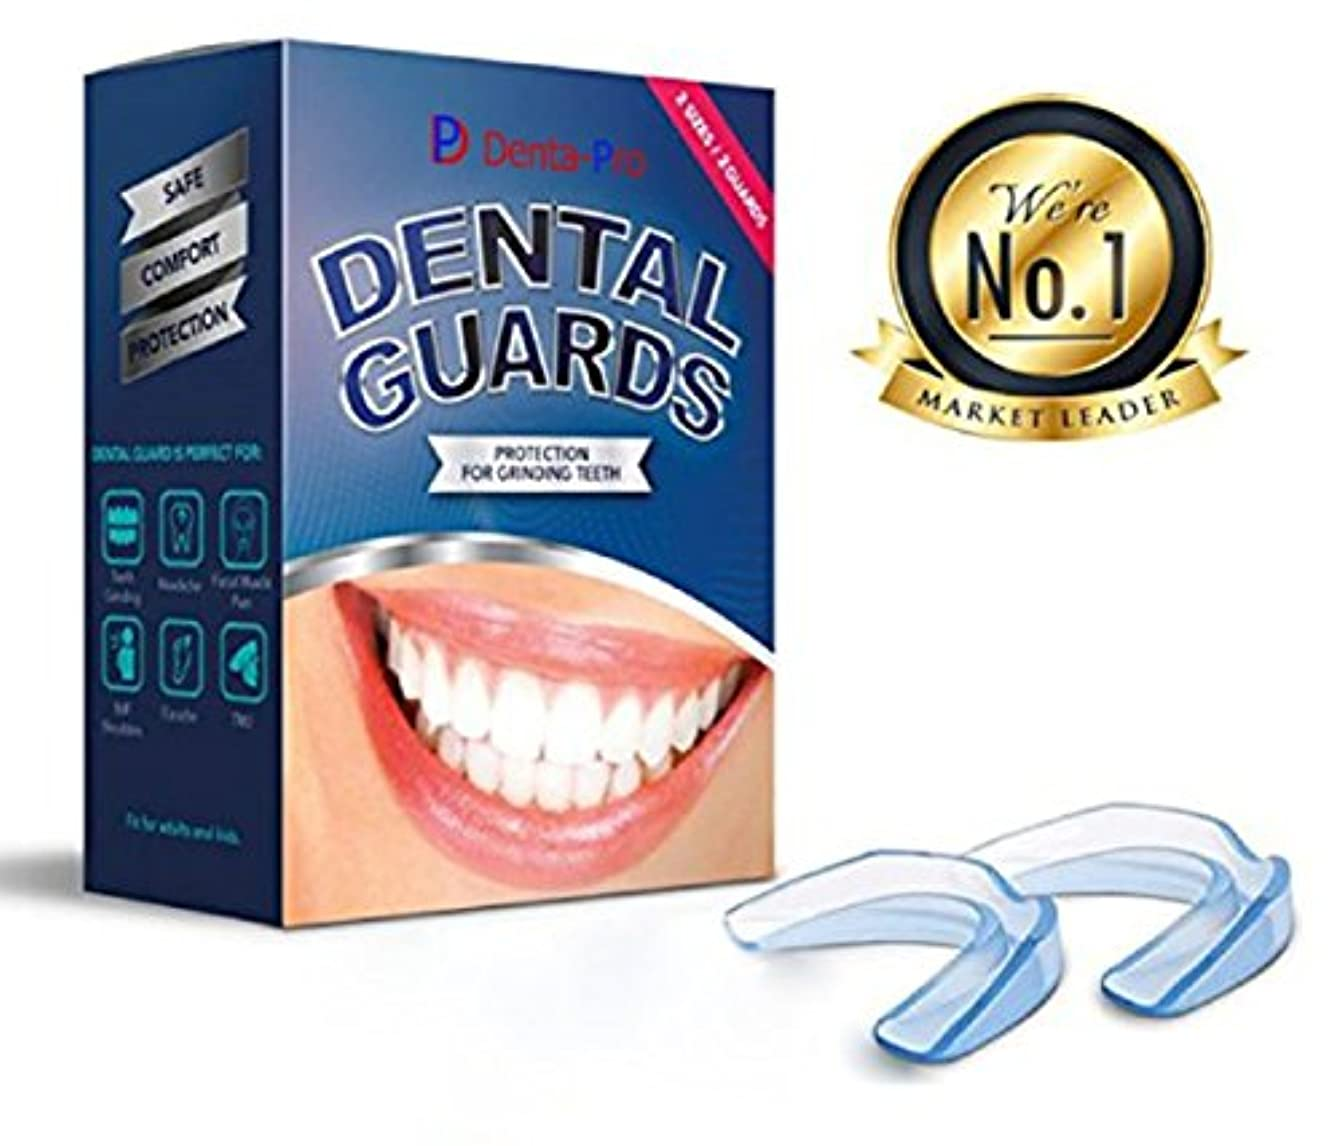 効能運命的な居間Dental-Pro 2個セット デンタルマウスピース マウスピース 噛み合わせ 歯ぎしり いびき 防止 予防 歯列矯正 歯並び 矯正